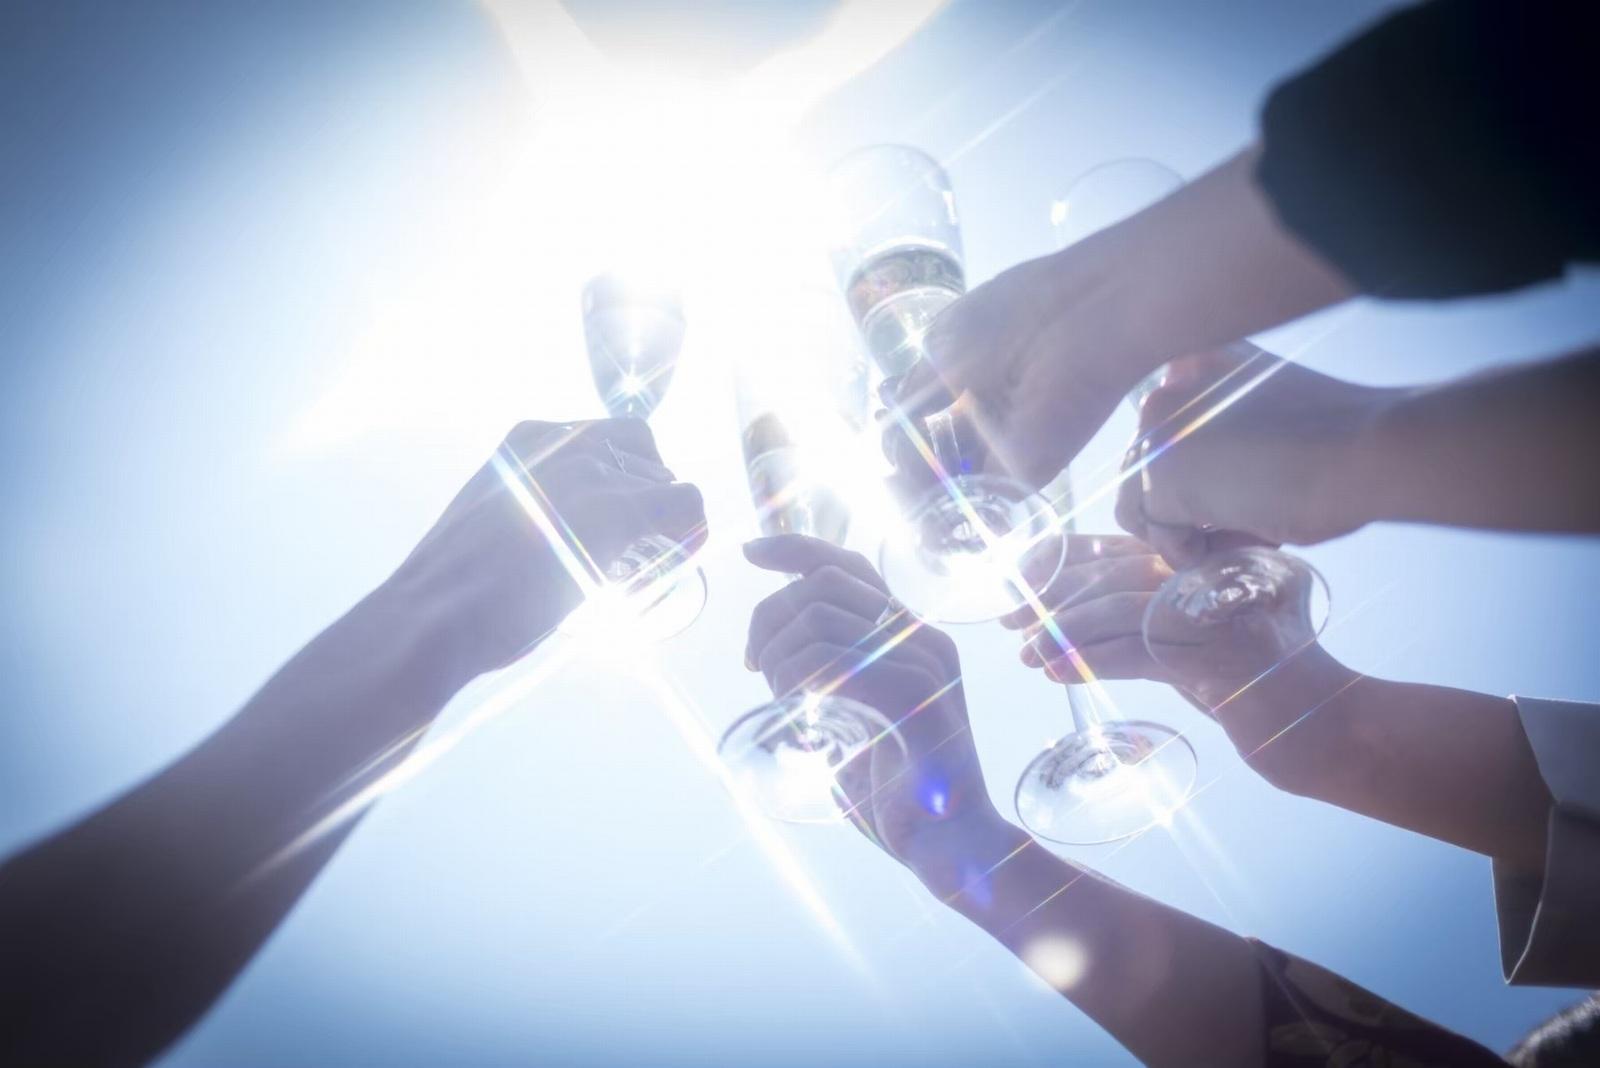 香川県の人気の結婚式場のシェルエメール&アイスタイルの乾杯ドリンク